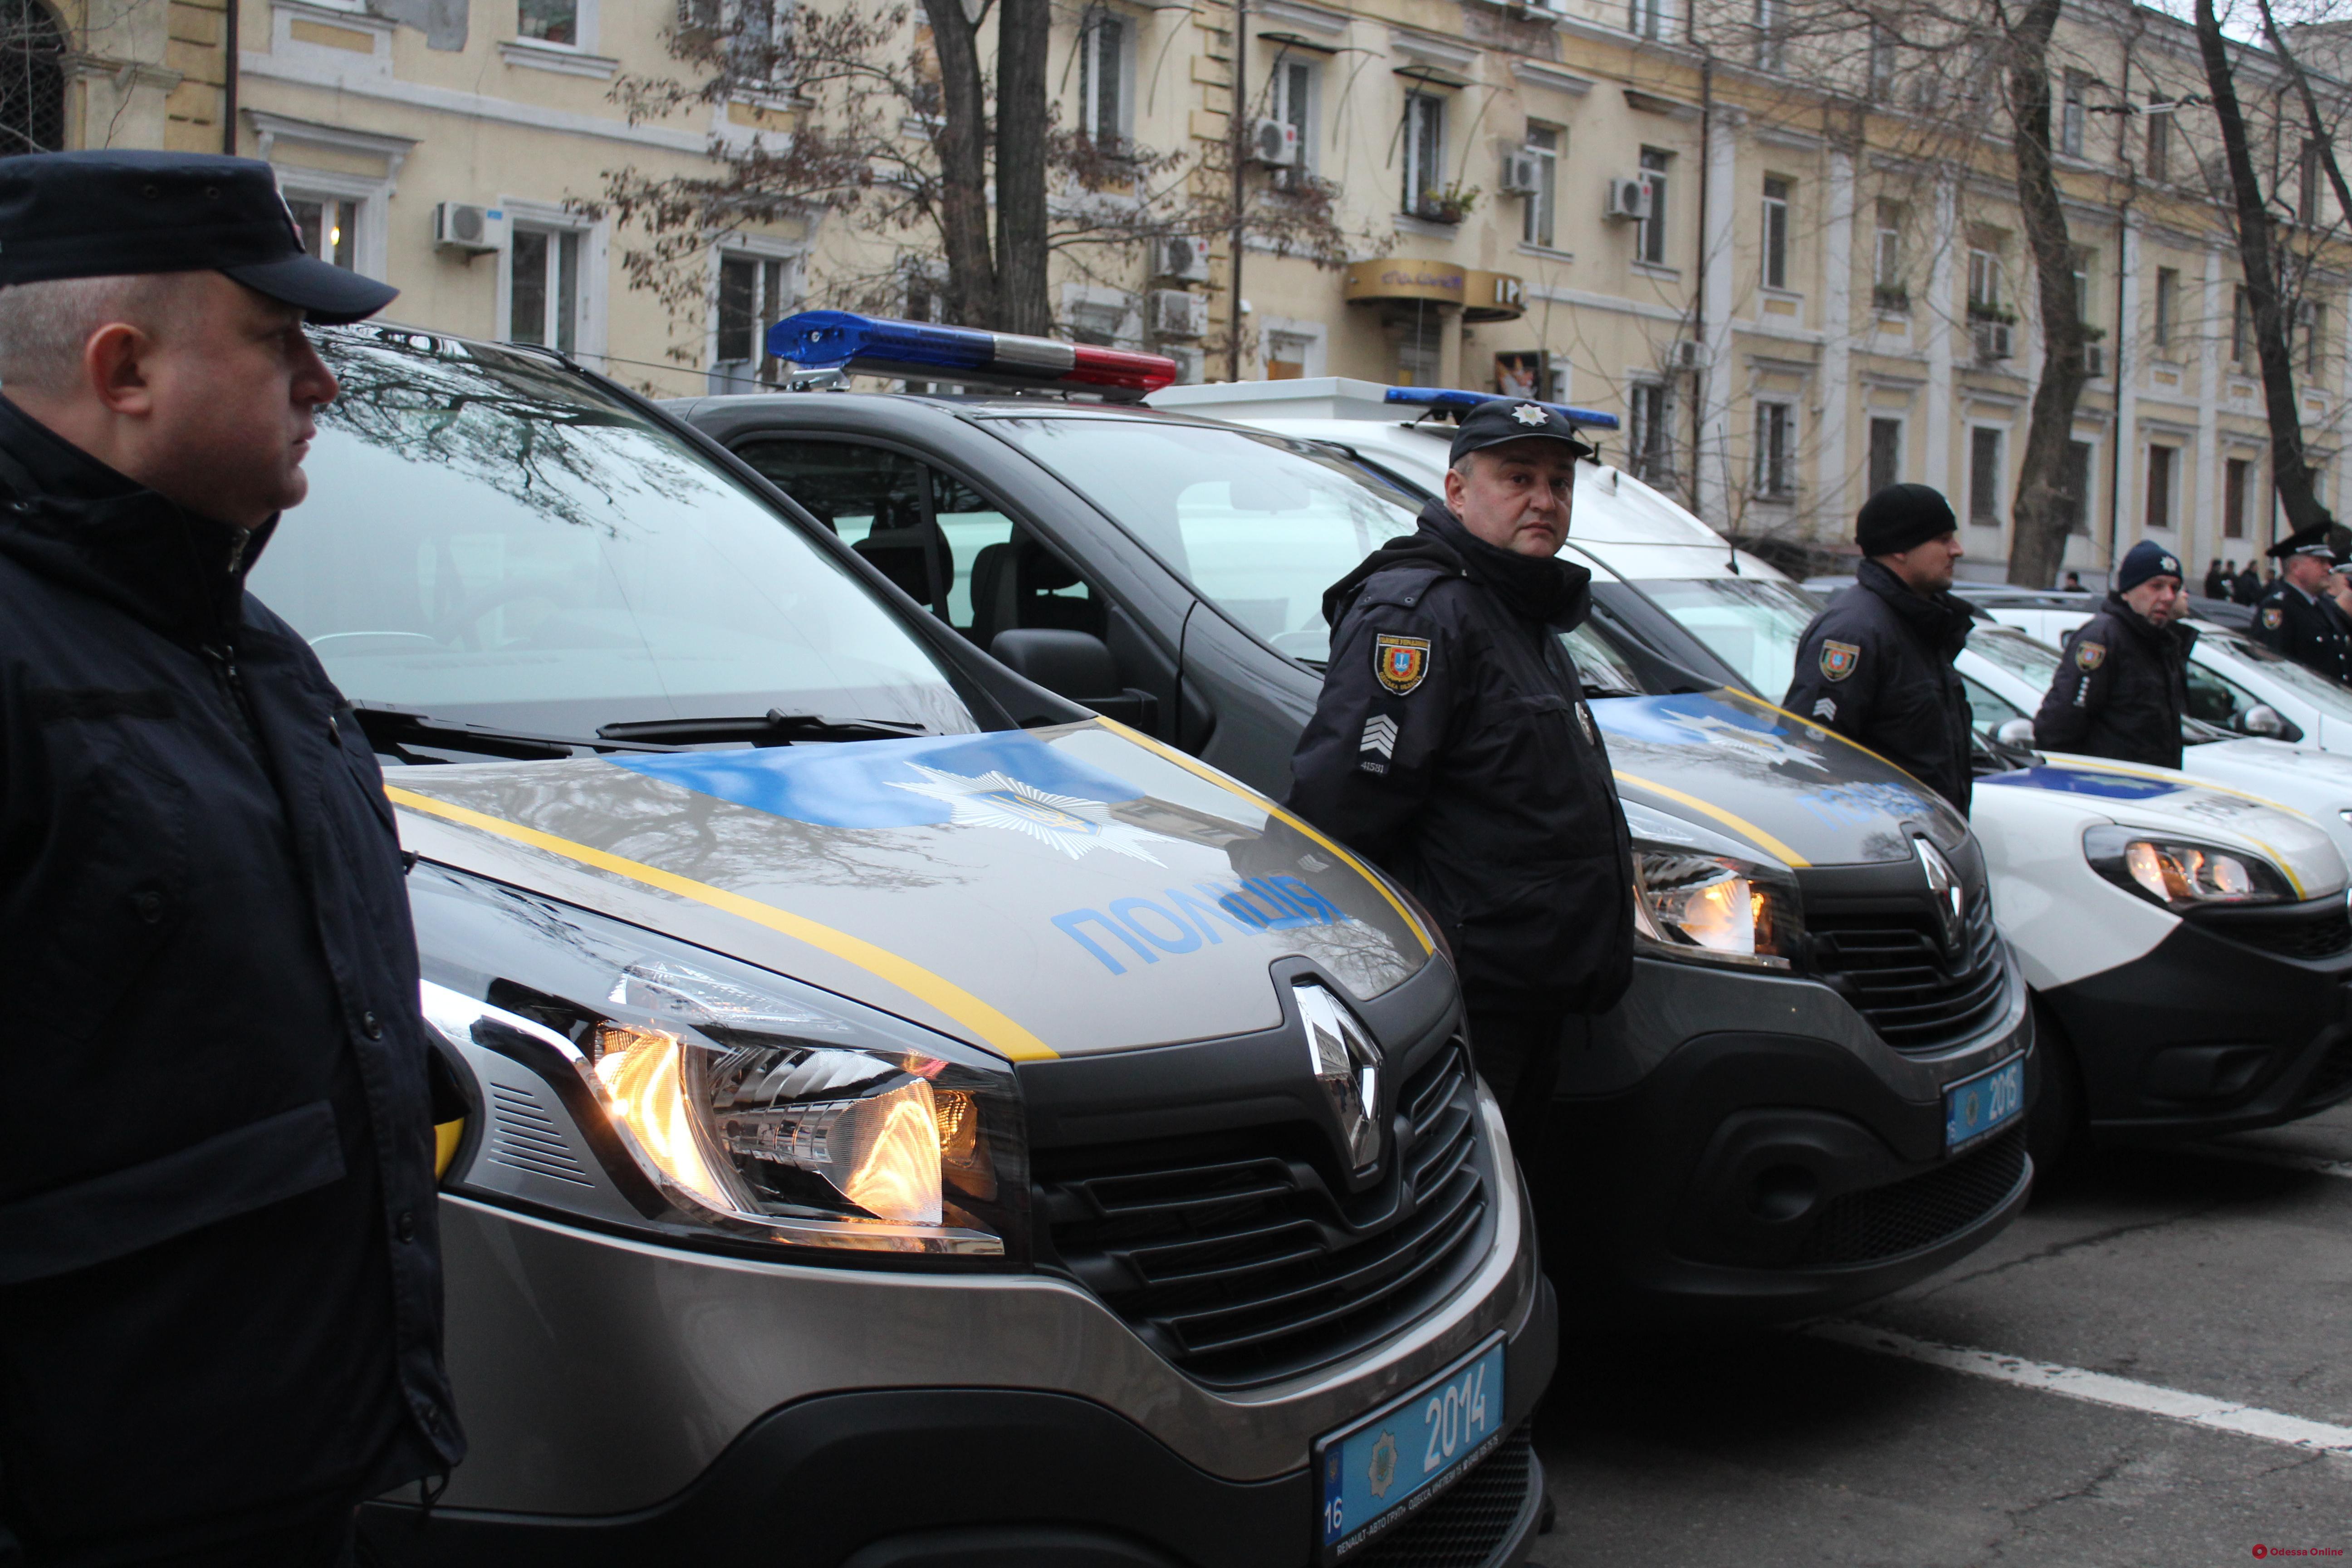 Одесские правоохранители получили 15 новых служебных автомобилей (фото)